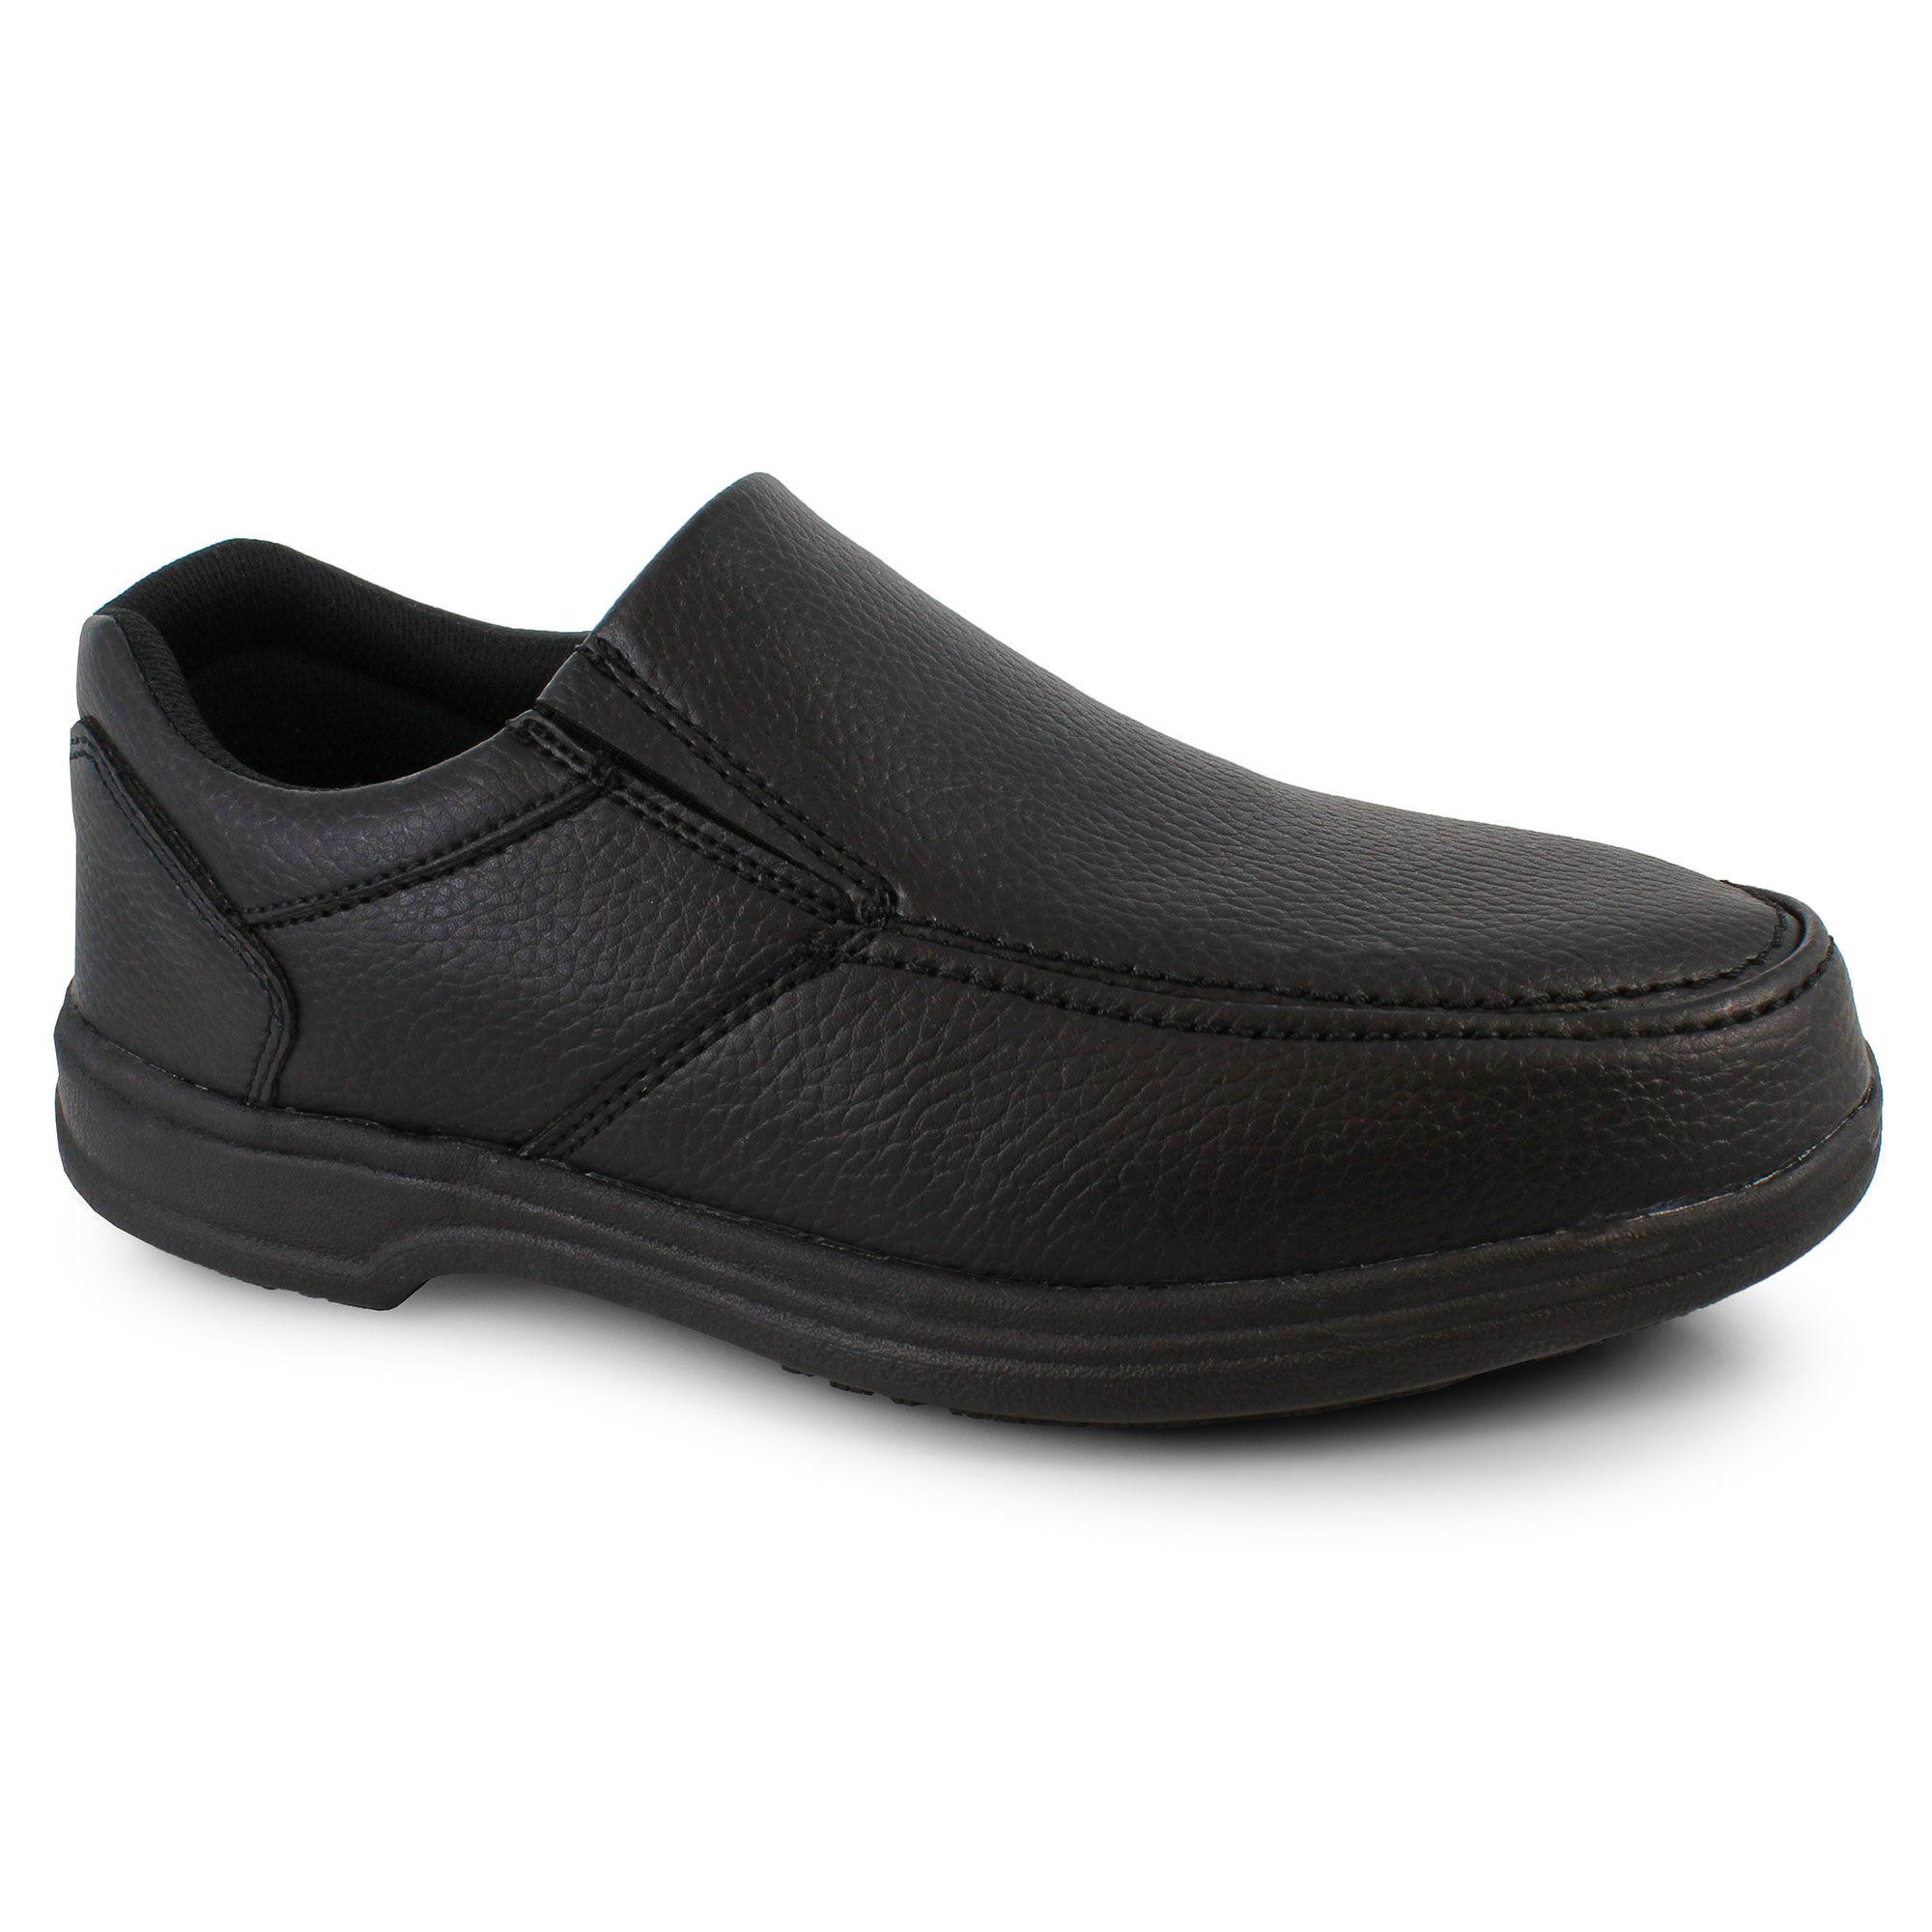 Men's Slip-Resistant Shoes | SHOE SHOW MEGA